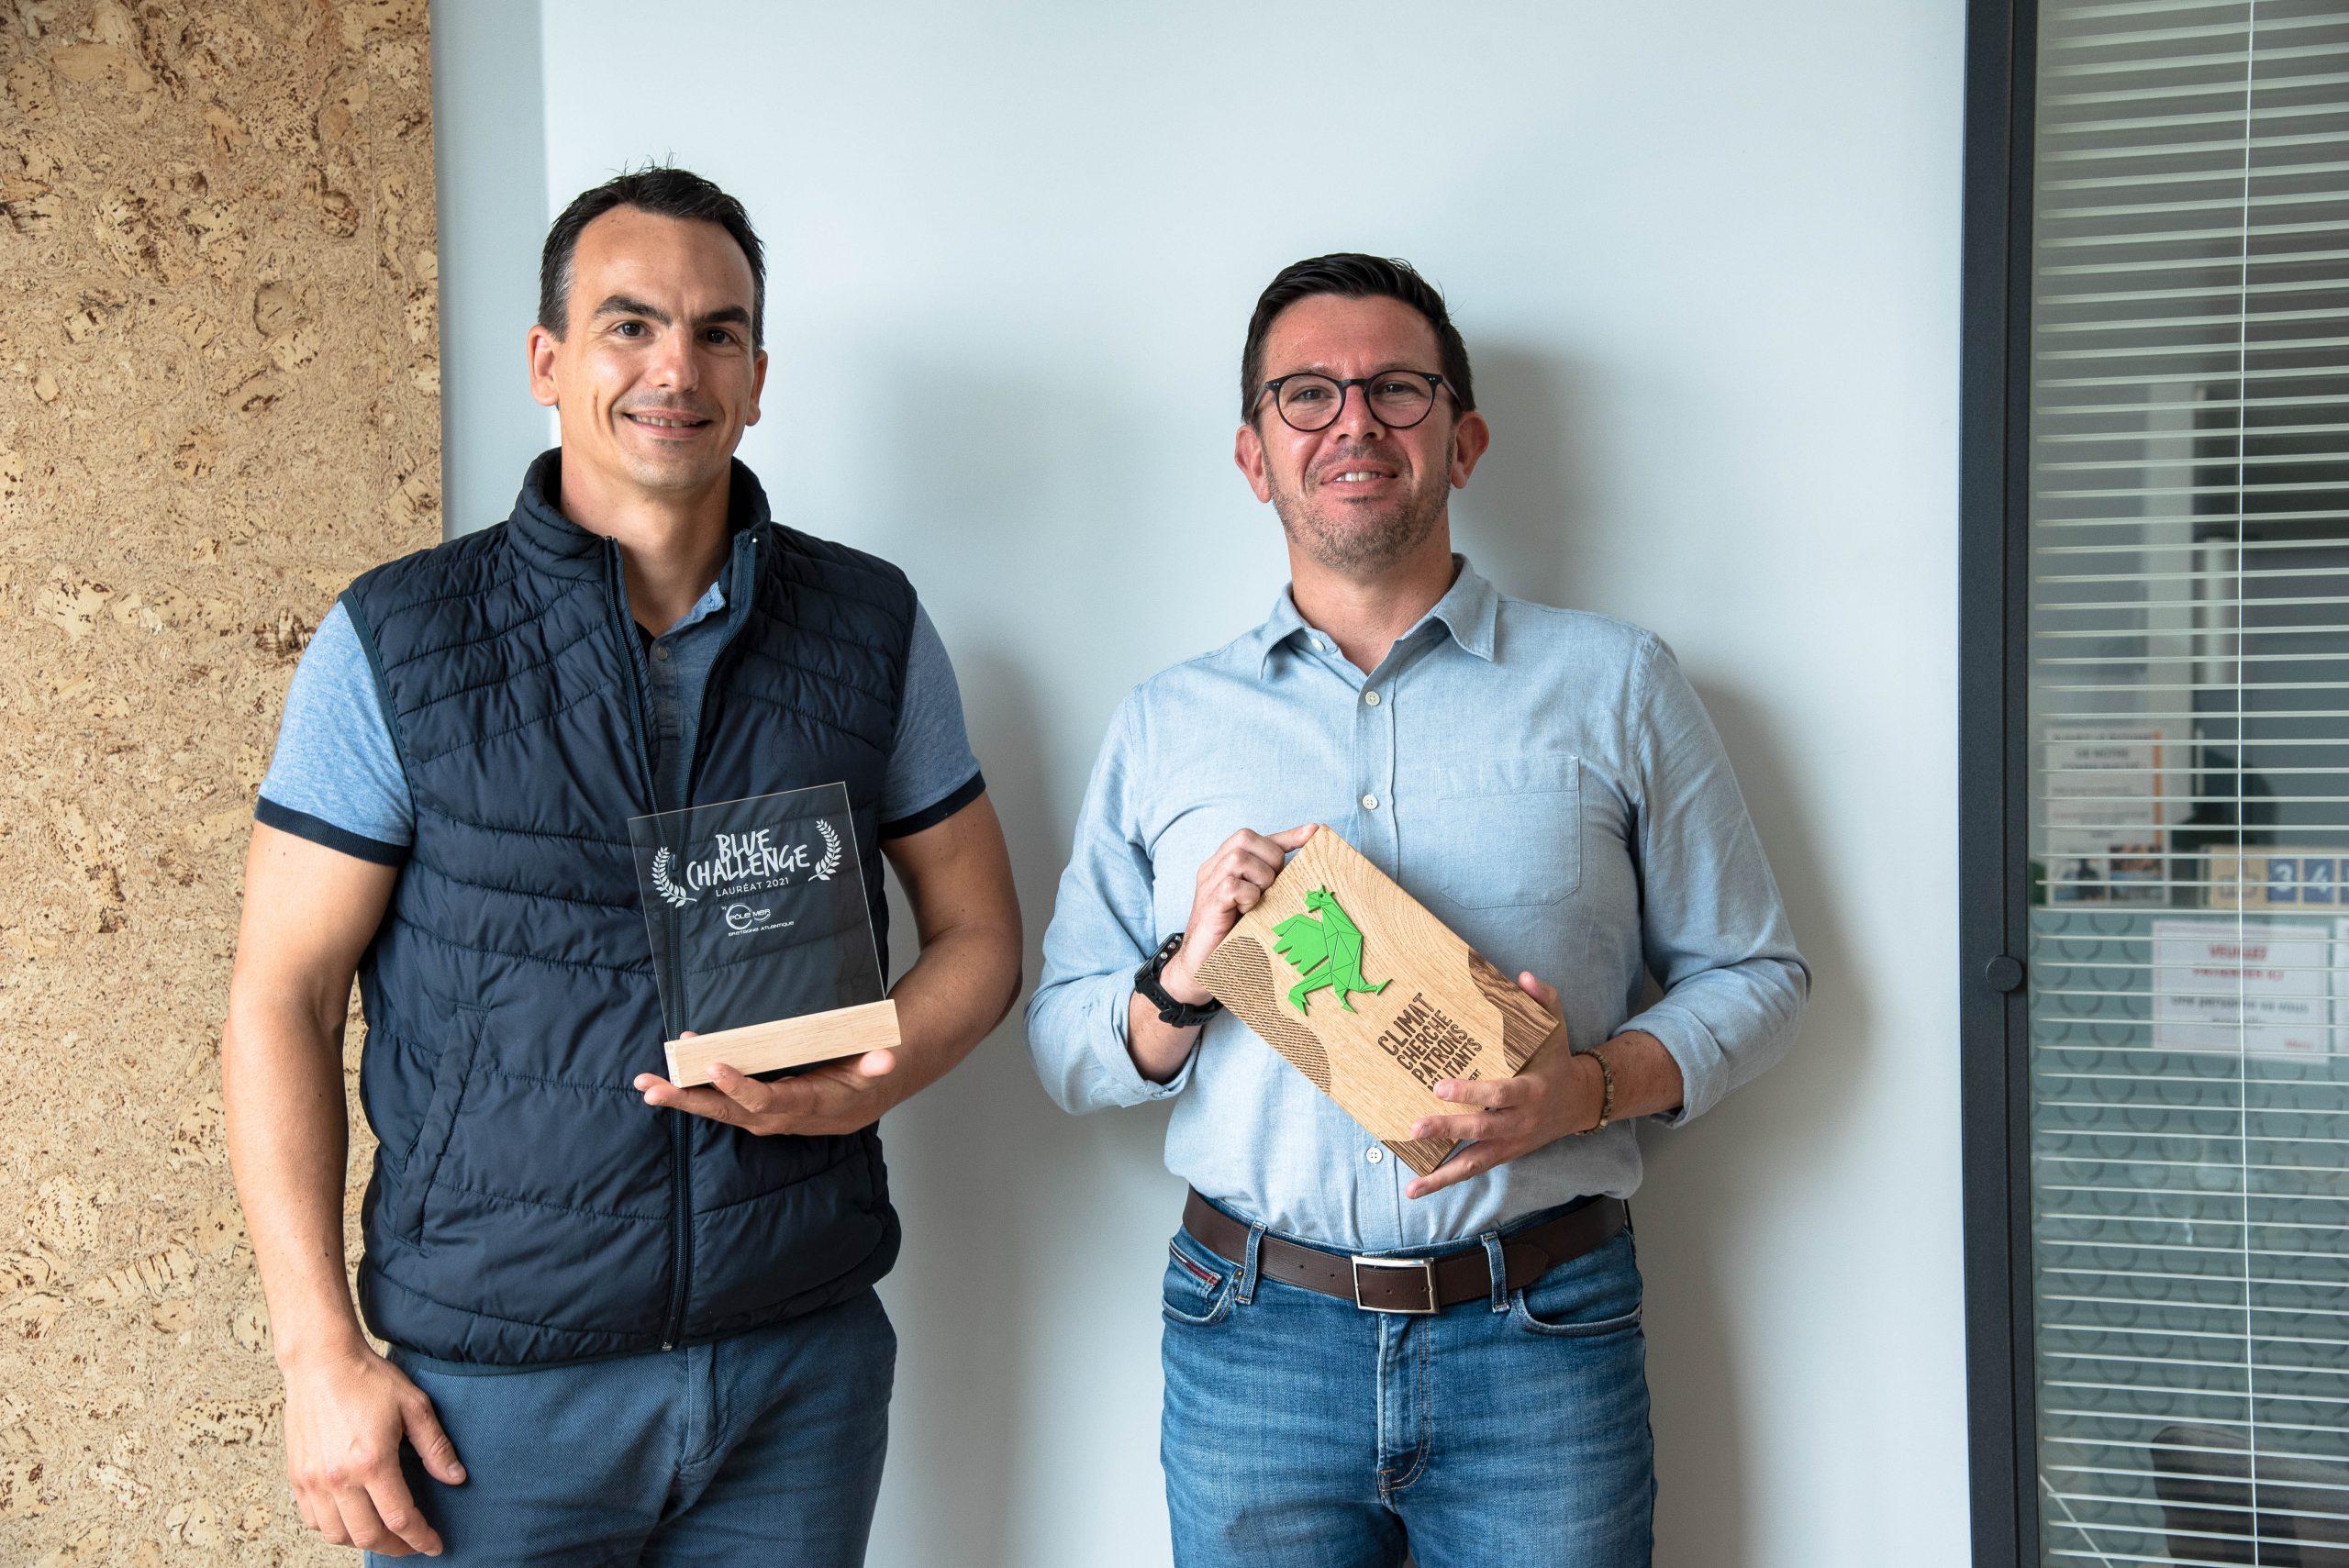 Alexandre Thévenot, responsable du projet Kerbone et de l'activité co-produits, avec le prix Blue Challenge, et Christophe Le Bihan, DG, ambassadeur pour le climat à travers le label Coq Vert, lancé par BPI France.